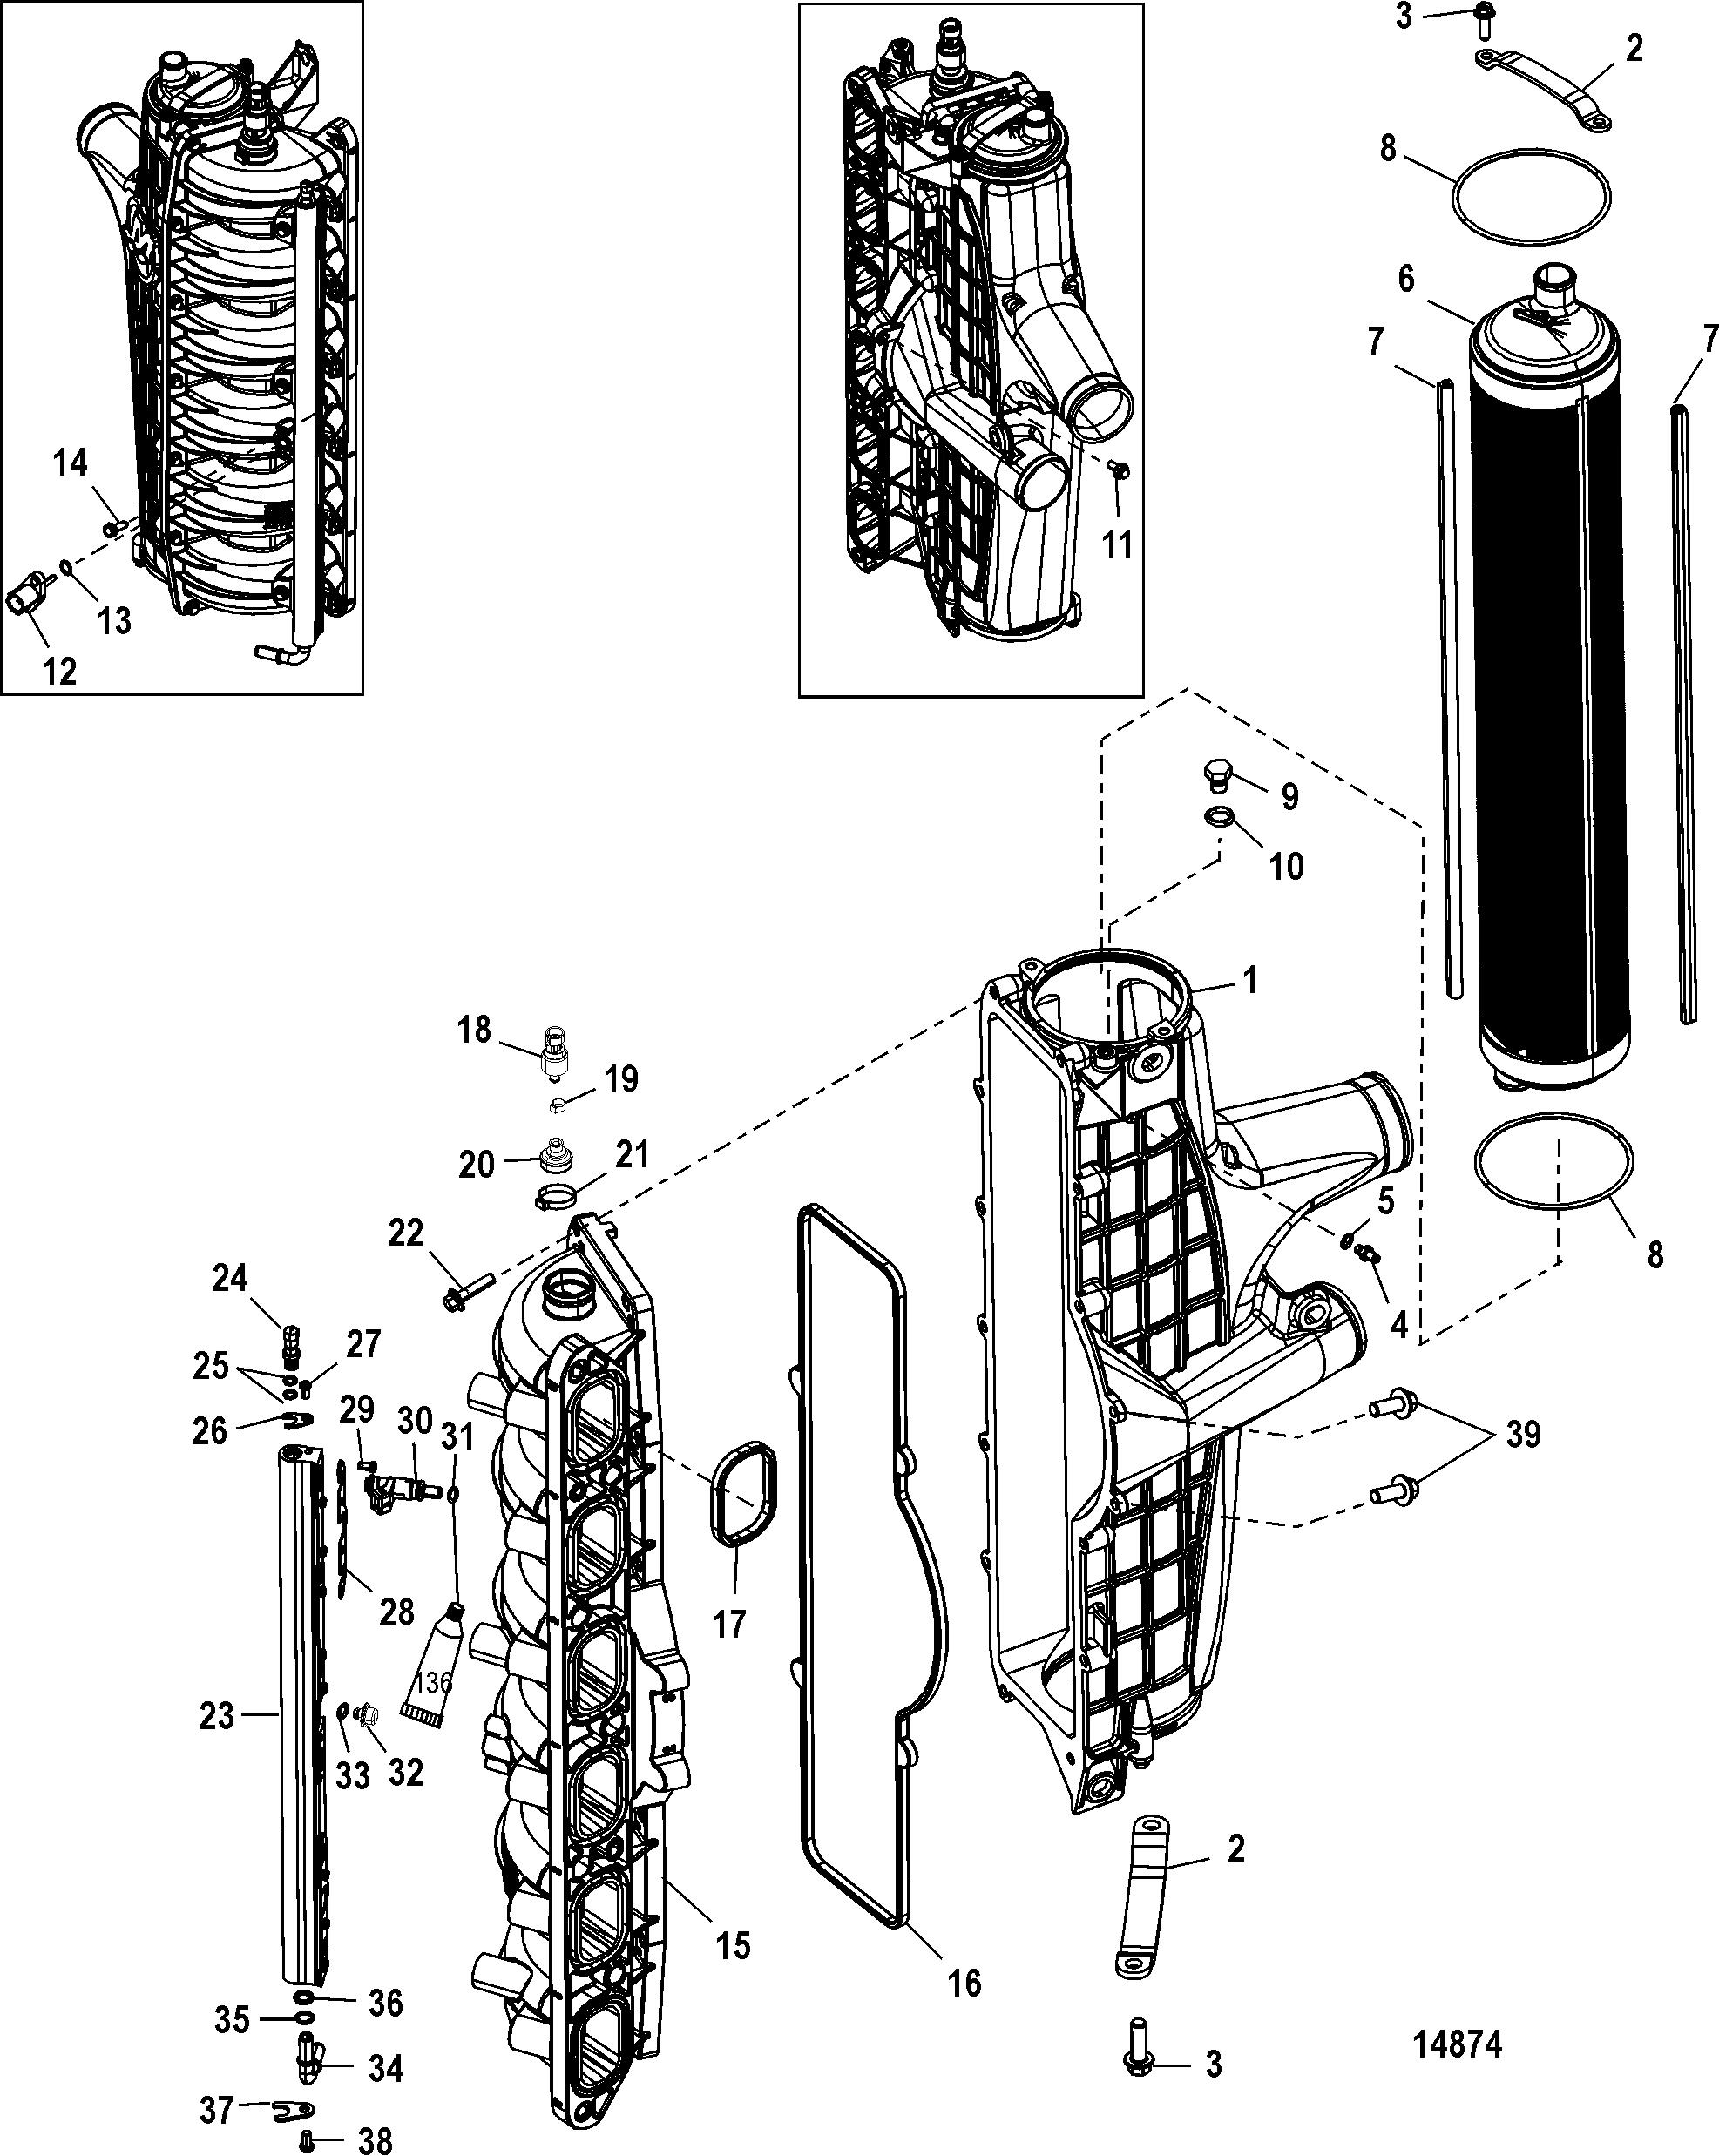 Mercury | MERCURY | 250 VERADO (4-STROKE)(6 CYL ) | 1B381712 THRU